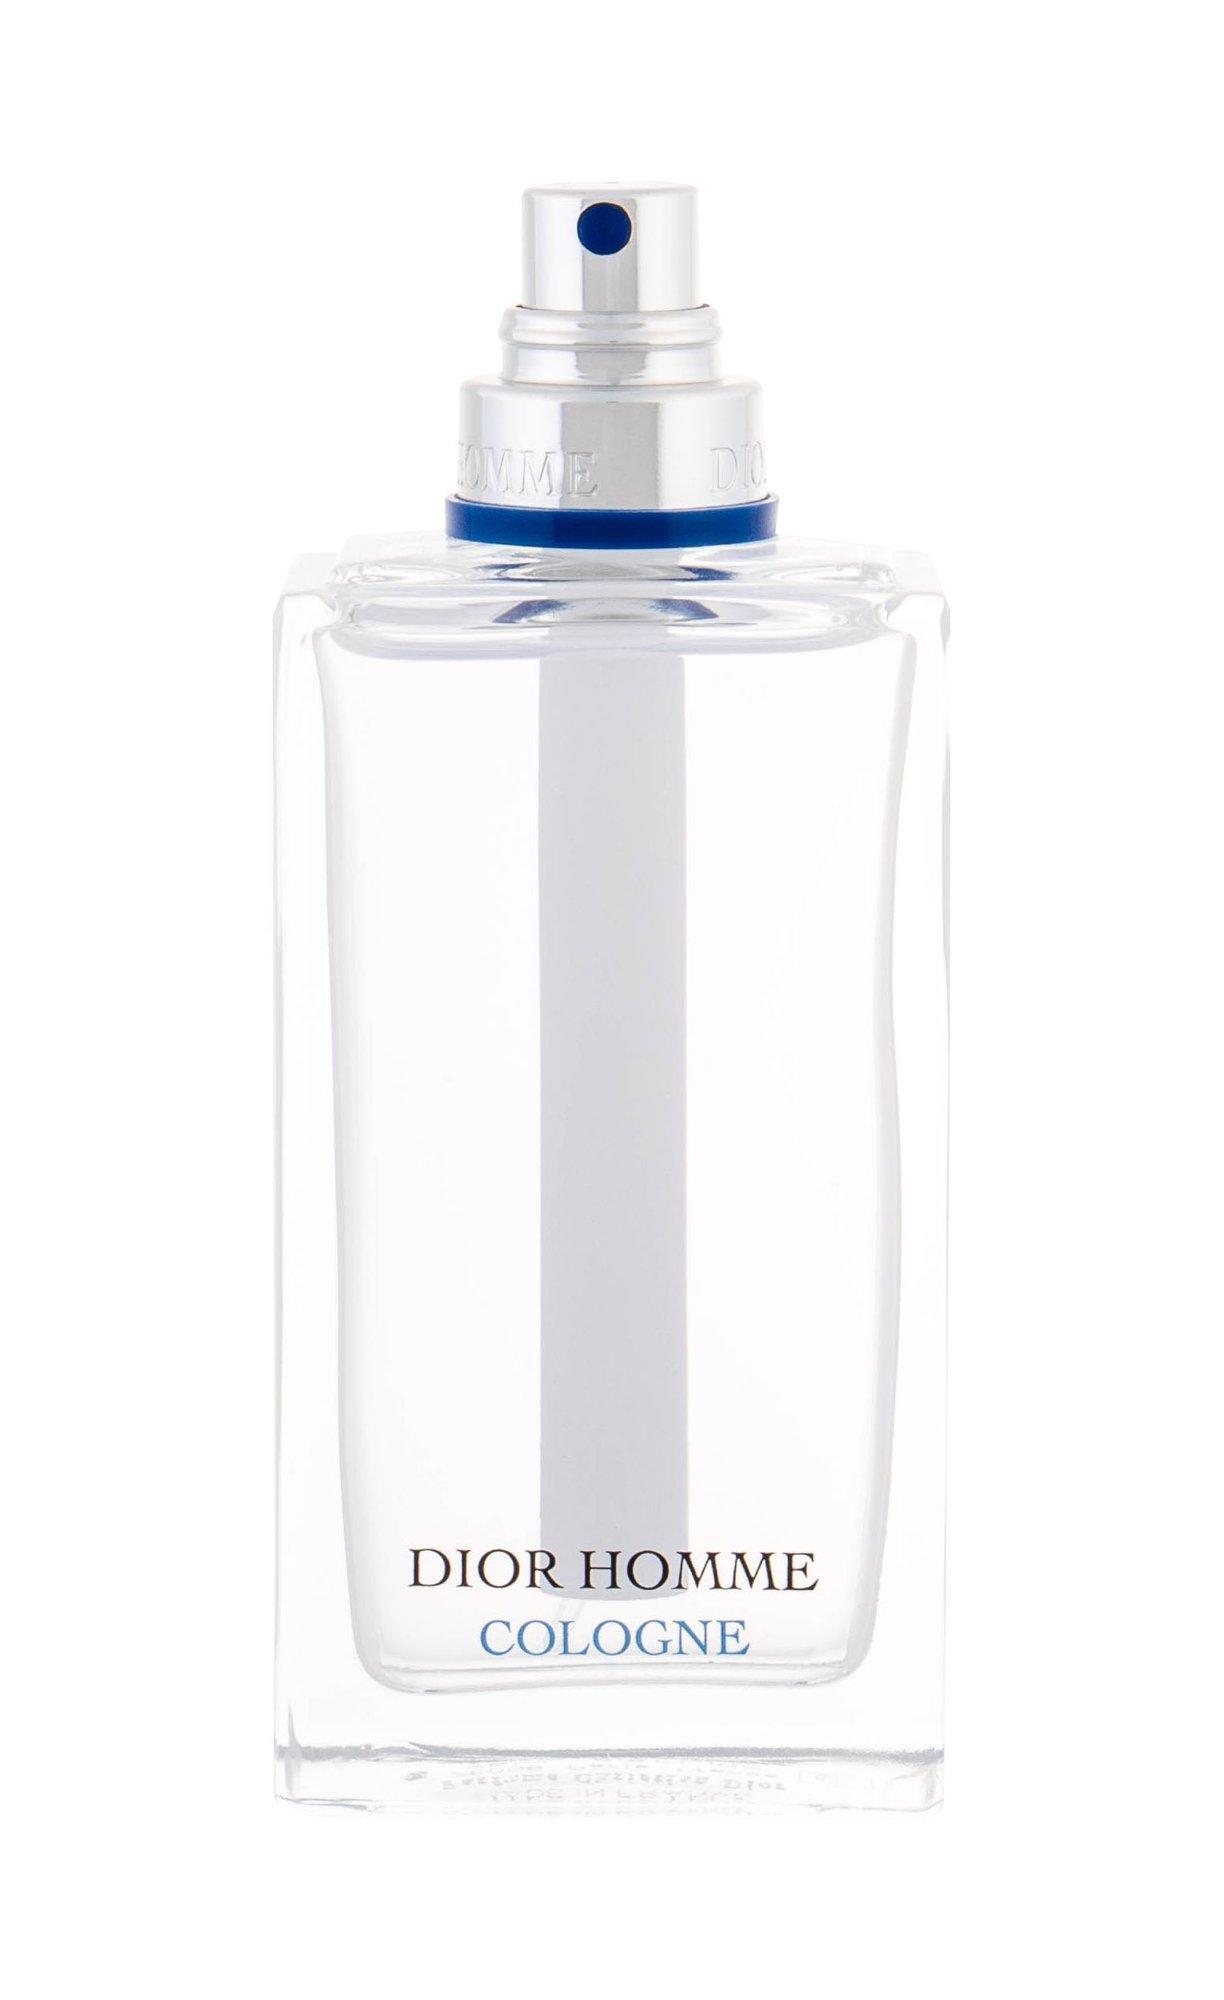 Christian Dior Dior Homme Cologne Eau de Cologne 75ml  2013